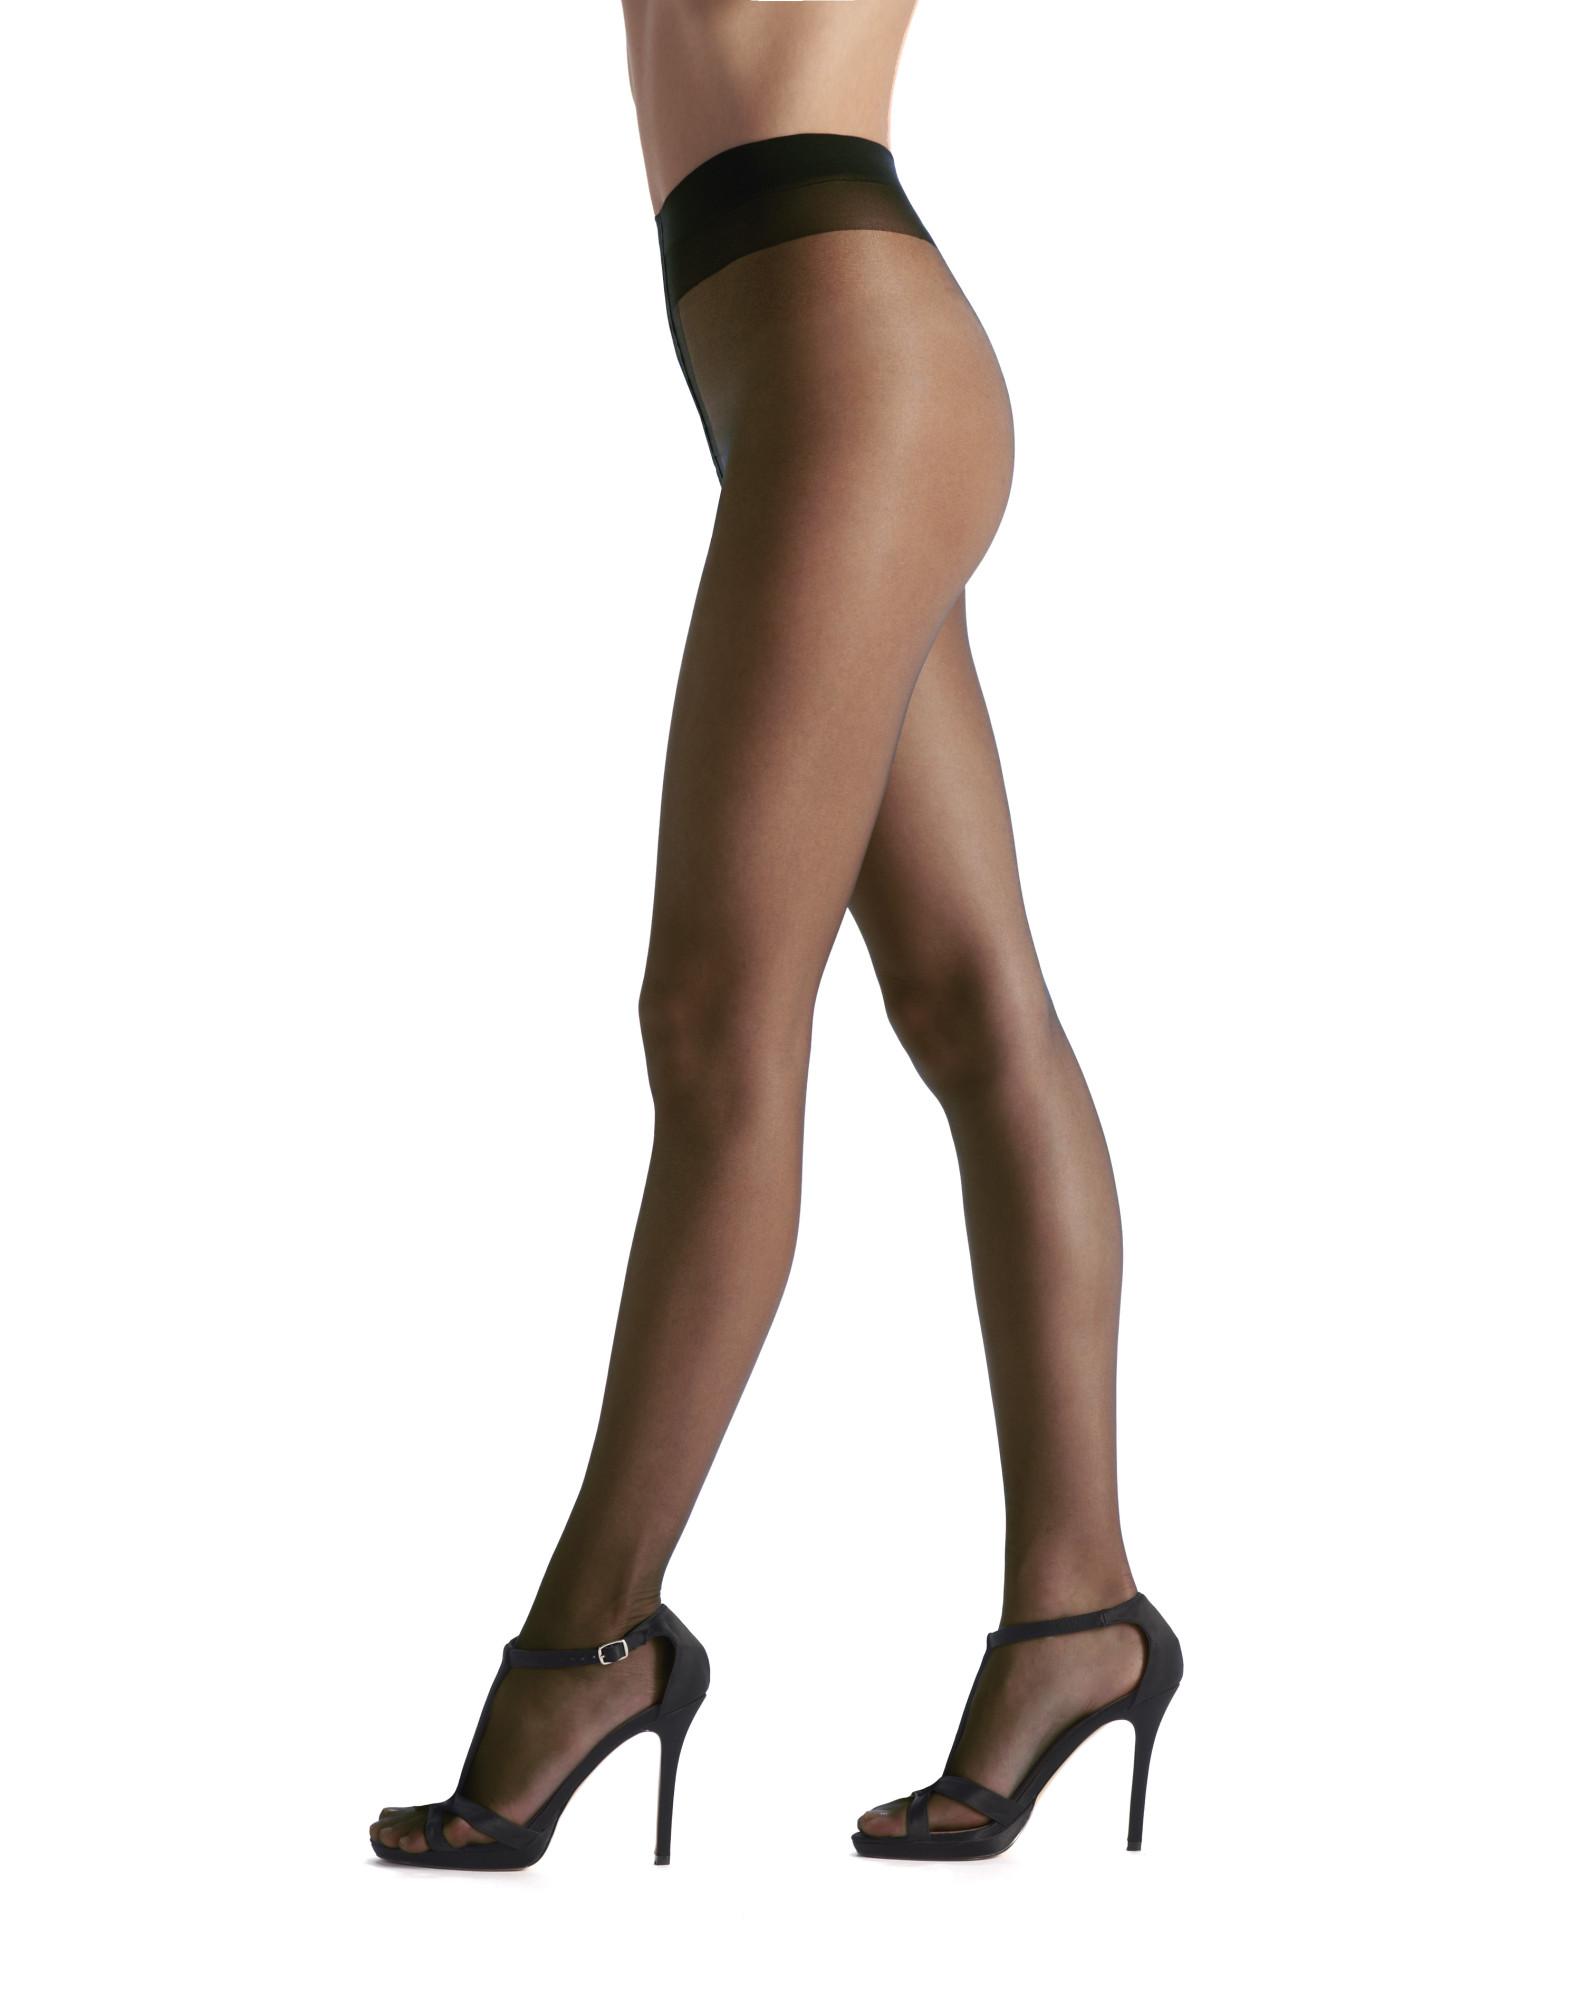 Punčochové kalhoty Sensuel 20 VOBC01099 černá - Oroblu Velikost do filtru: L, Barva EM Lingerie: černá (BLACK)